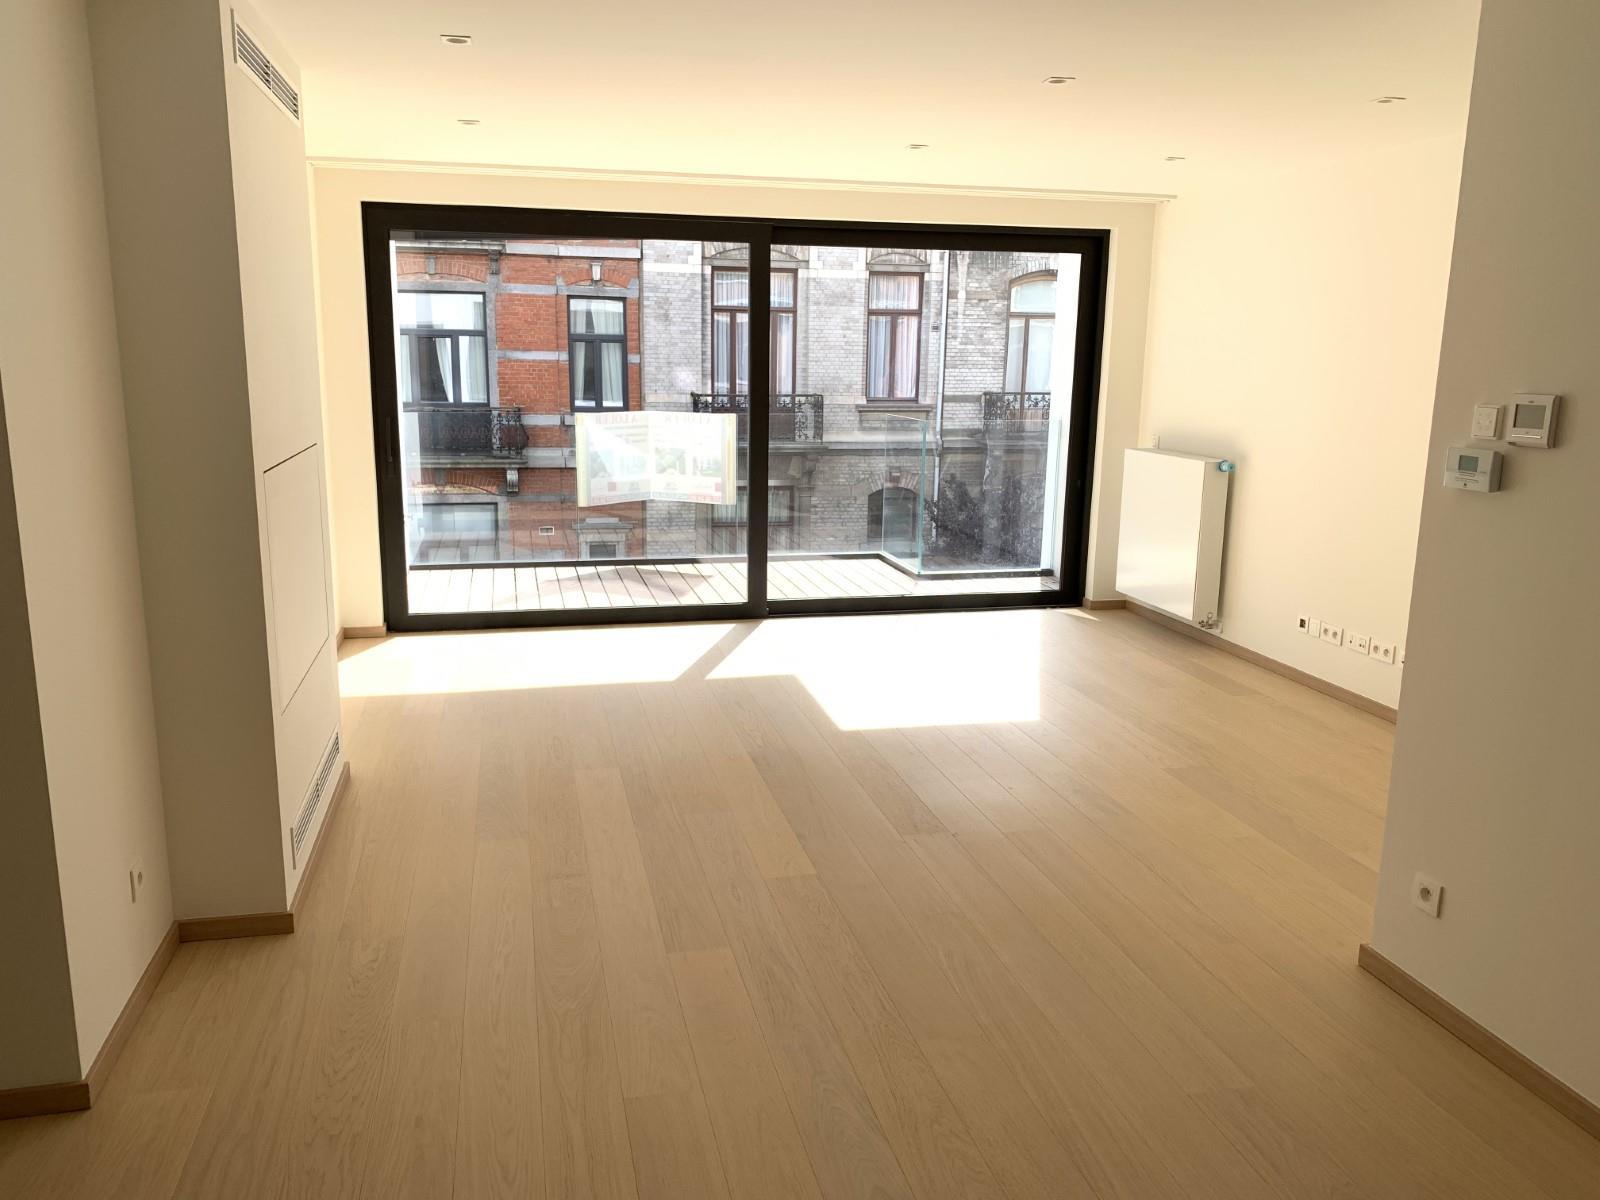 Appartement exceptionnel - Ixelles - #3918742-7